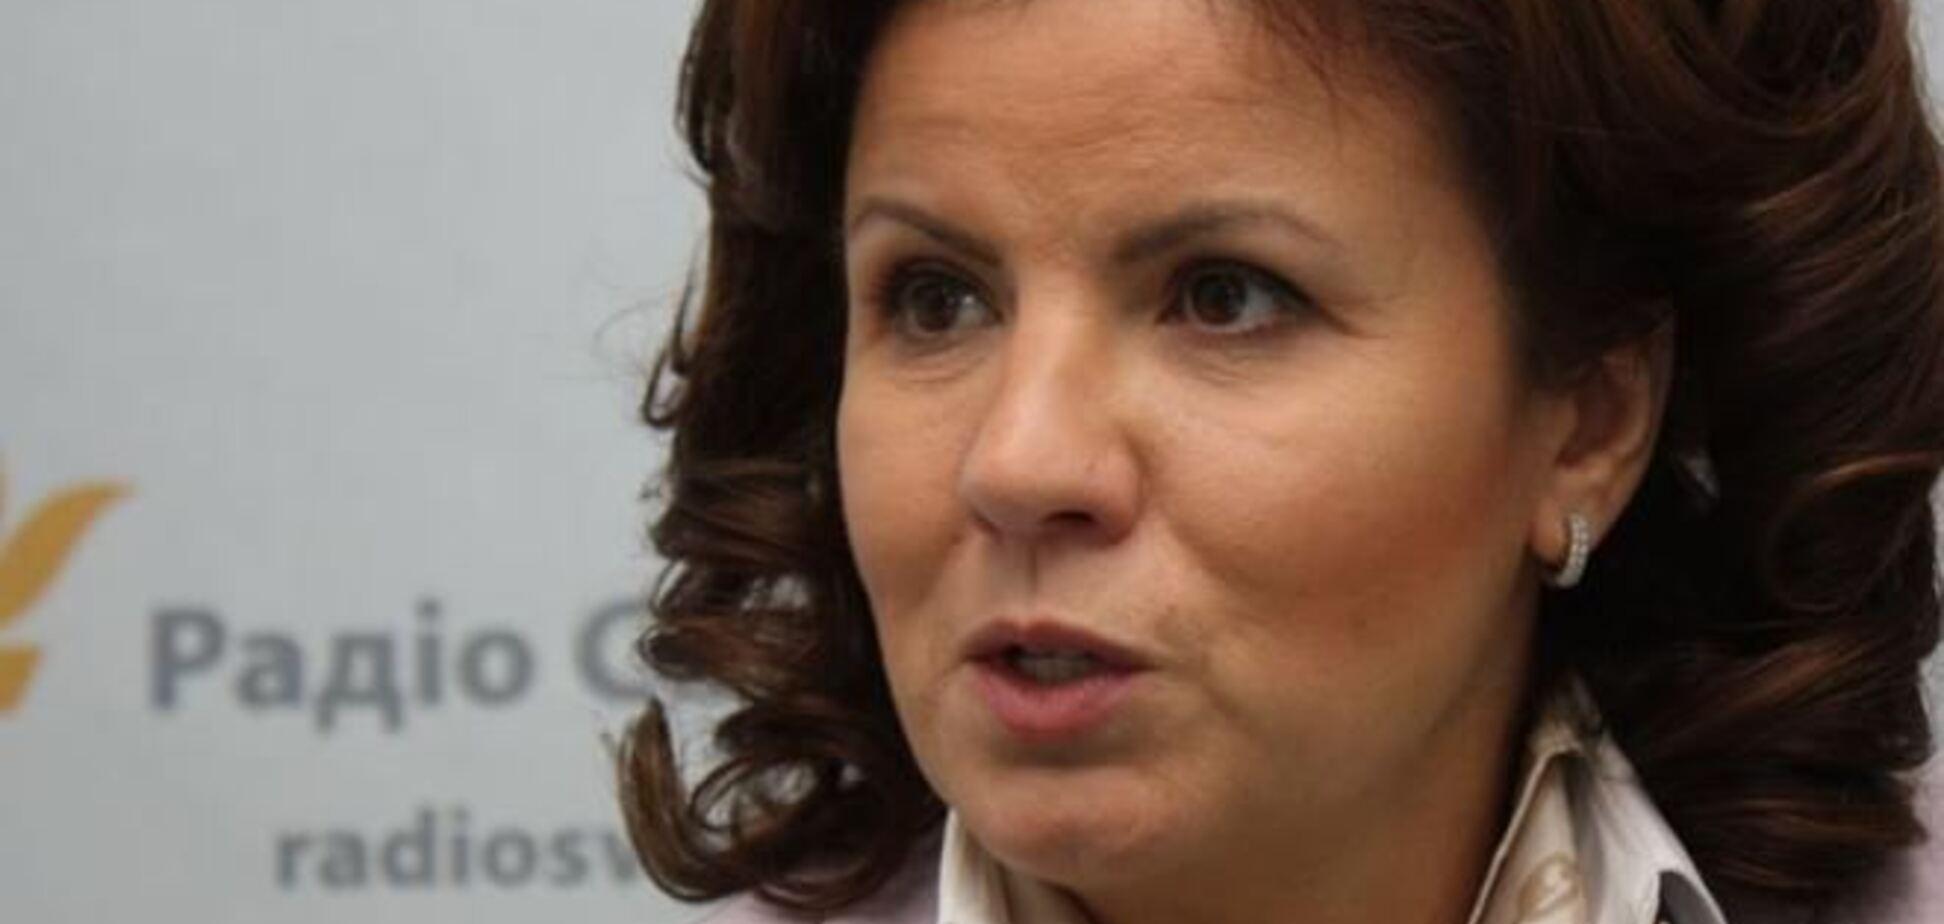 Ставнійчук: угода передбачає проведення президентських виборів не пізніше 2014